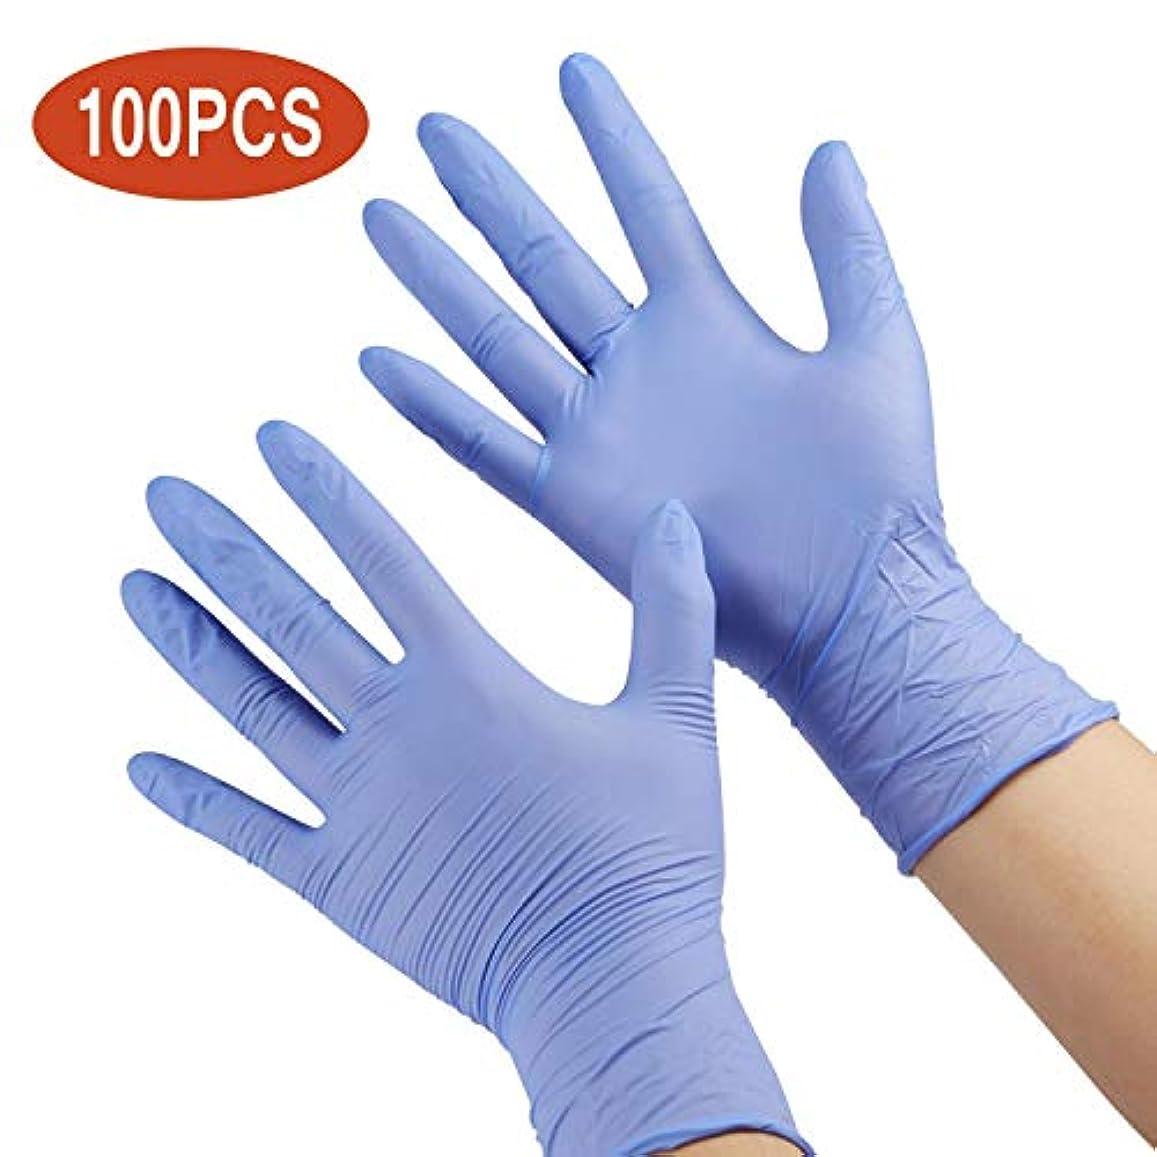 ルーム溶かすチェスをする子供用 使いきり手袋 ニトリル手袋 6~12歳の学生用 パウダーフリー ラテックスフリー 無臭 粉なし アレルギーフリー テクスチャ指 食品衛生法適合 100枚